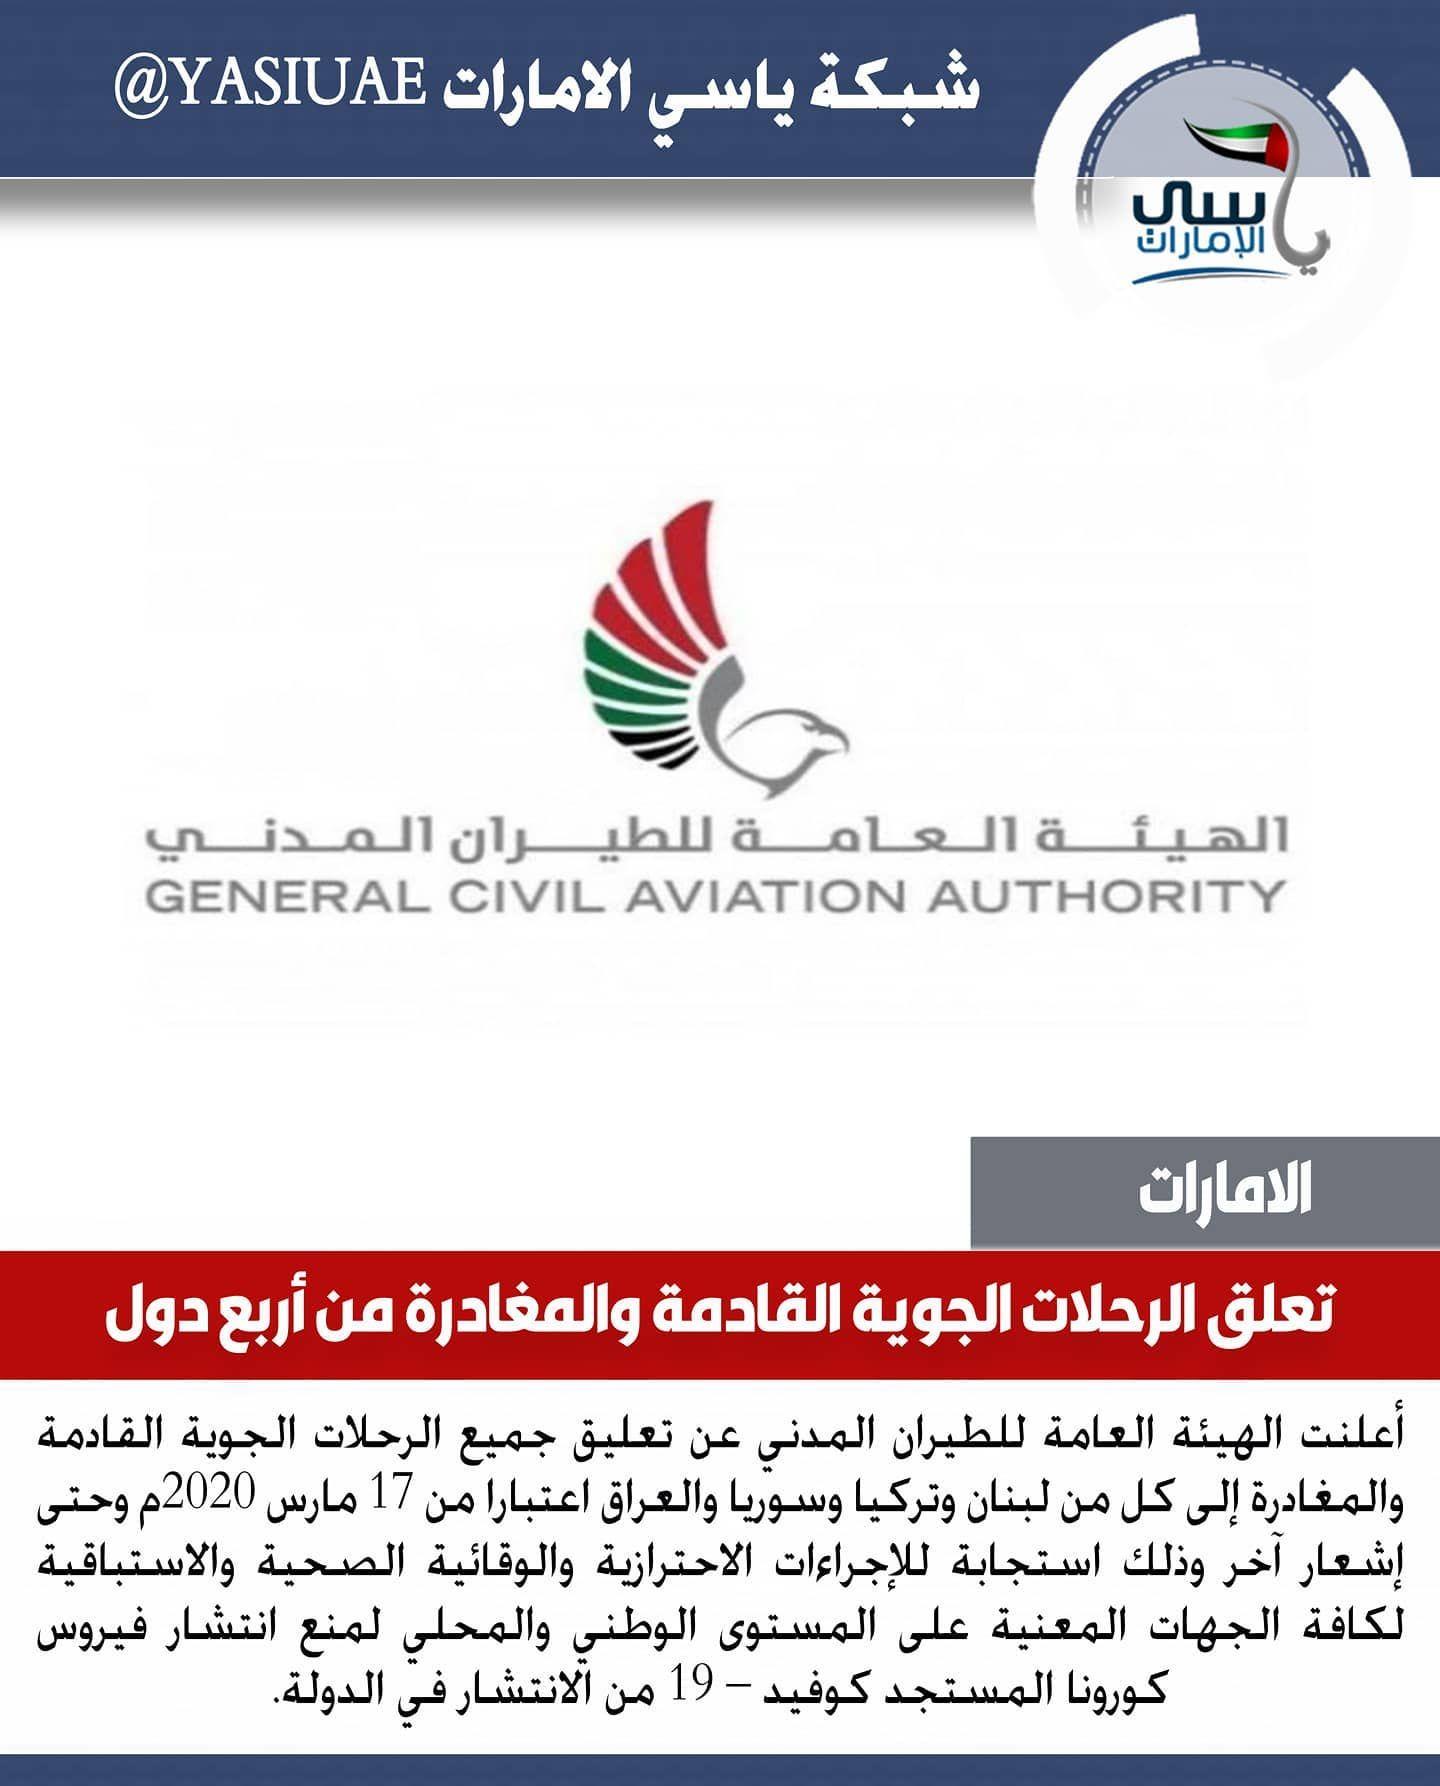 ياسي الامارات الإمارات تعلق الرحلات الجوية القادمة والمغادرة إلى 4 دول ملتزمون يا وطن شبكة ياسي الامارات شبكة ياسي الامار Author Civil Aviation Aviation